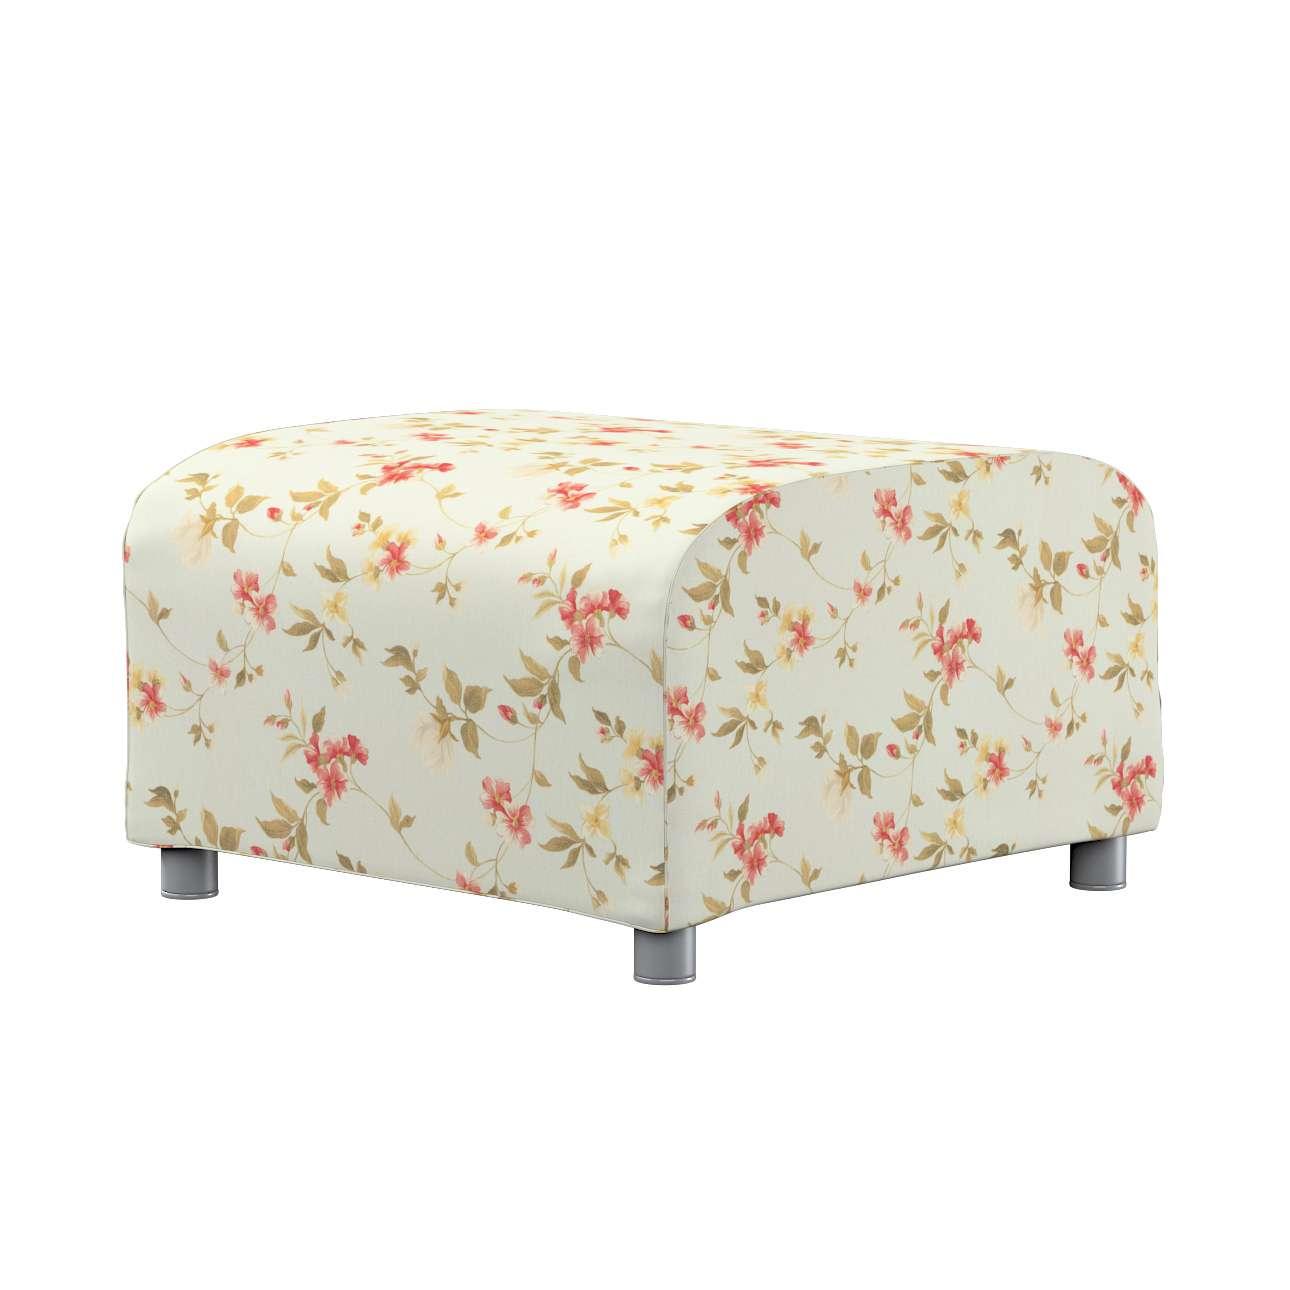 KLIPPAN pufo užvalkalas Klippan footstool cover kolekcijoje Londres, audinys: 124-65